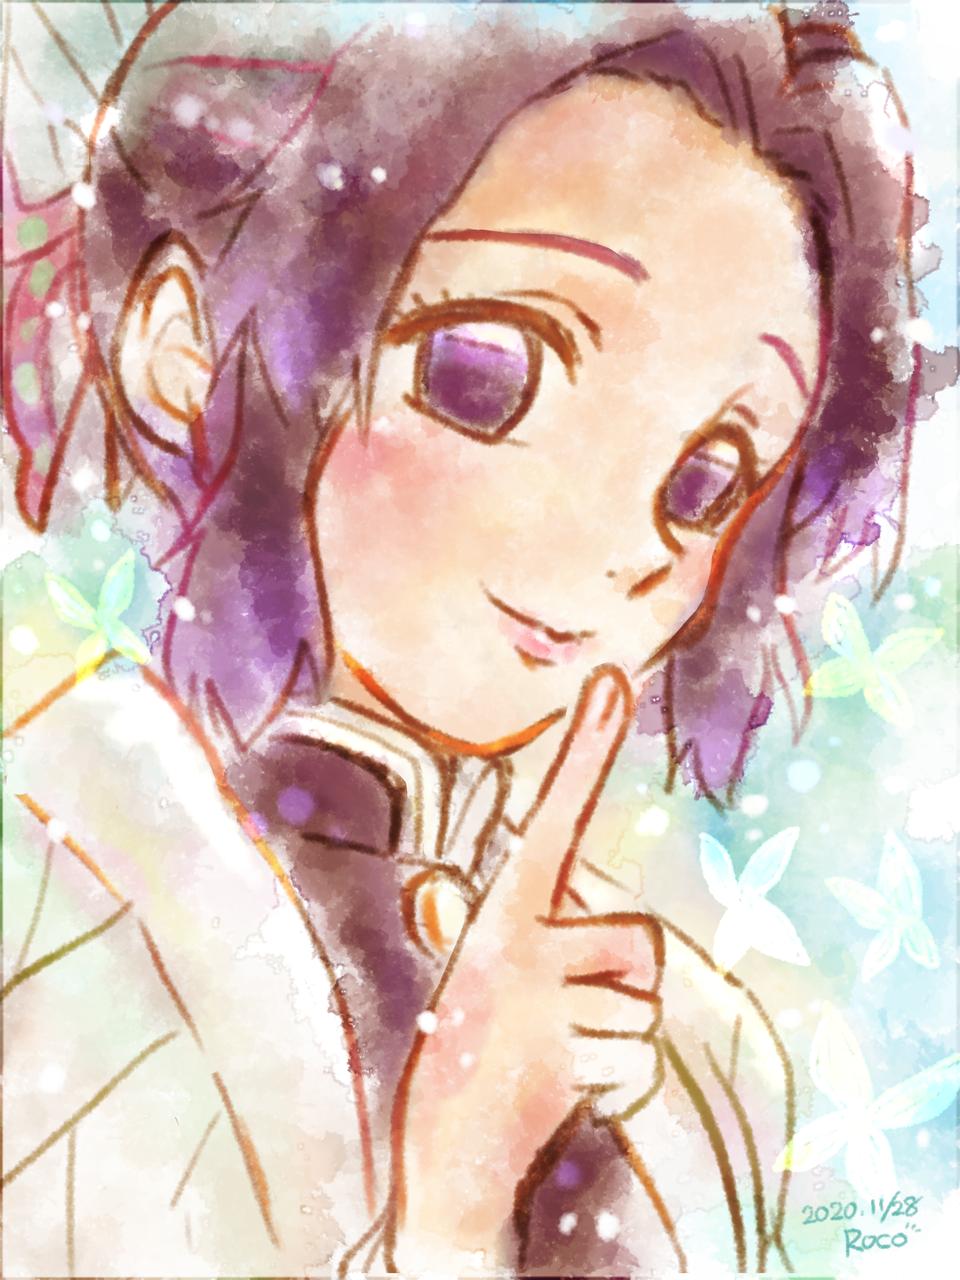 しのぶさん Illust of Roco medibangpaint 水彩風 girl 水彩塗り KimetsunoYaiba しのぶ KochouShinobu